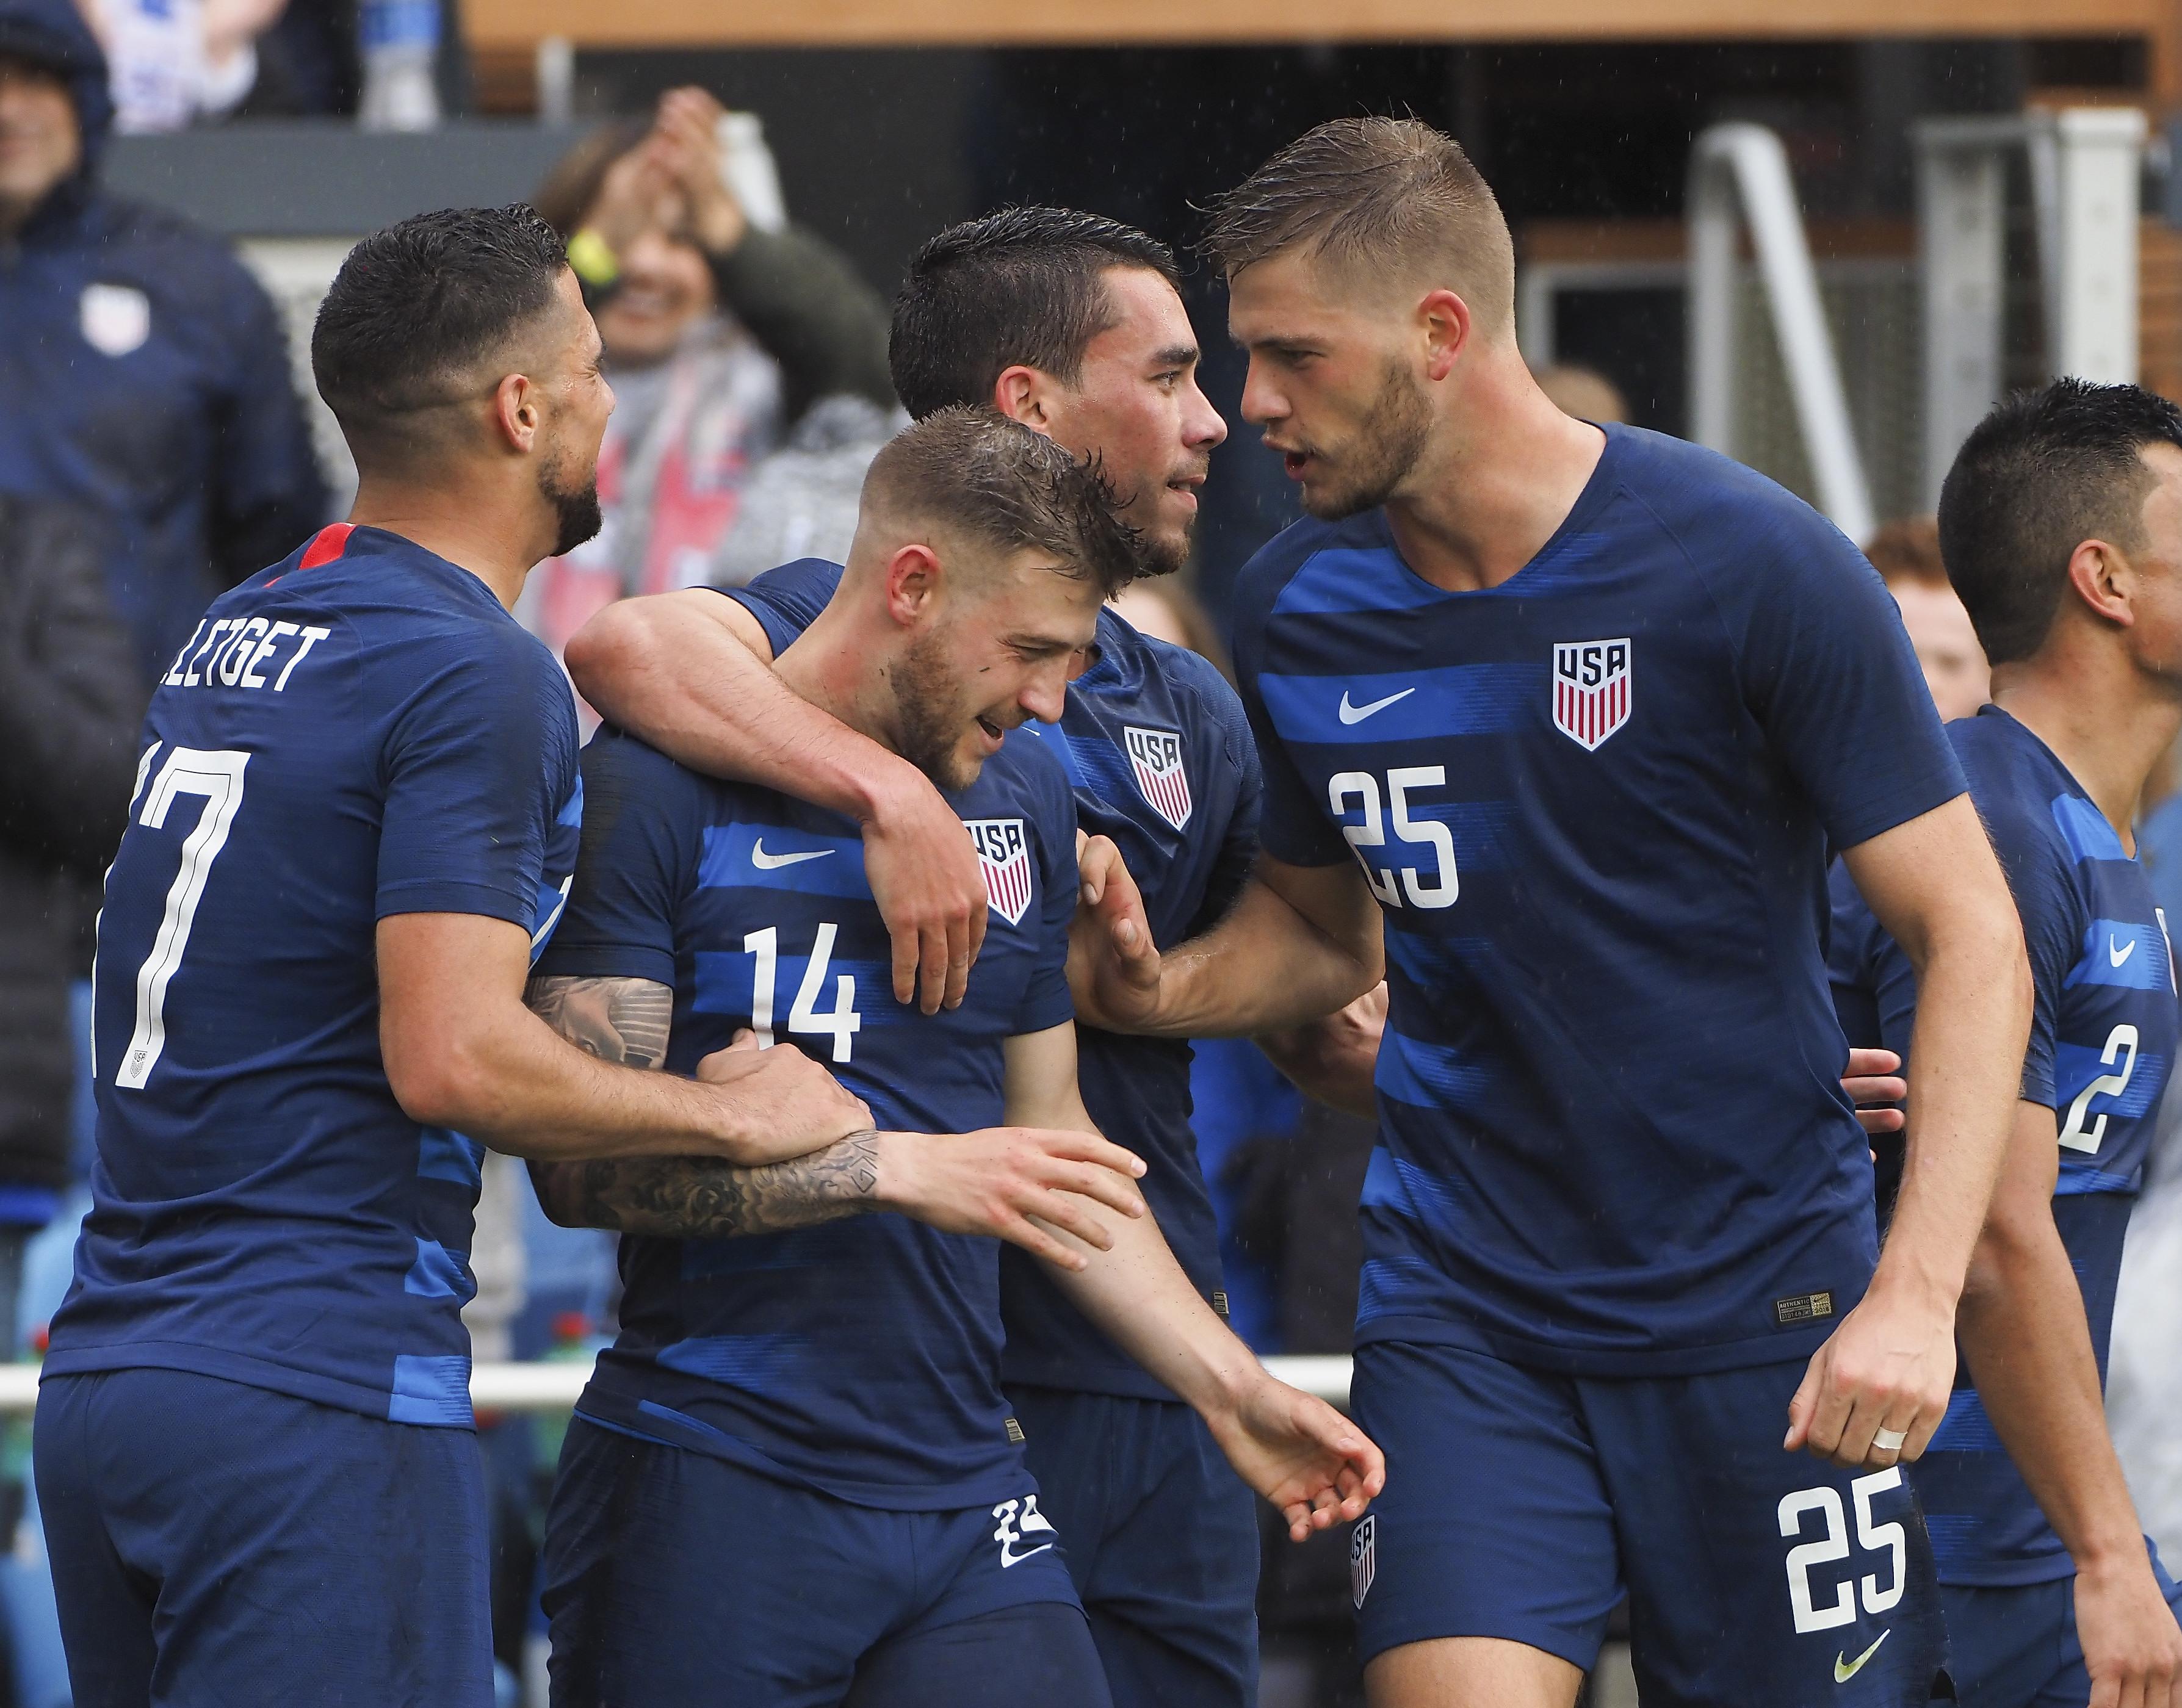 En fotos: nueva victoria para el Team USA en la era Berhalter, esta vez sobre Costa Rica